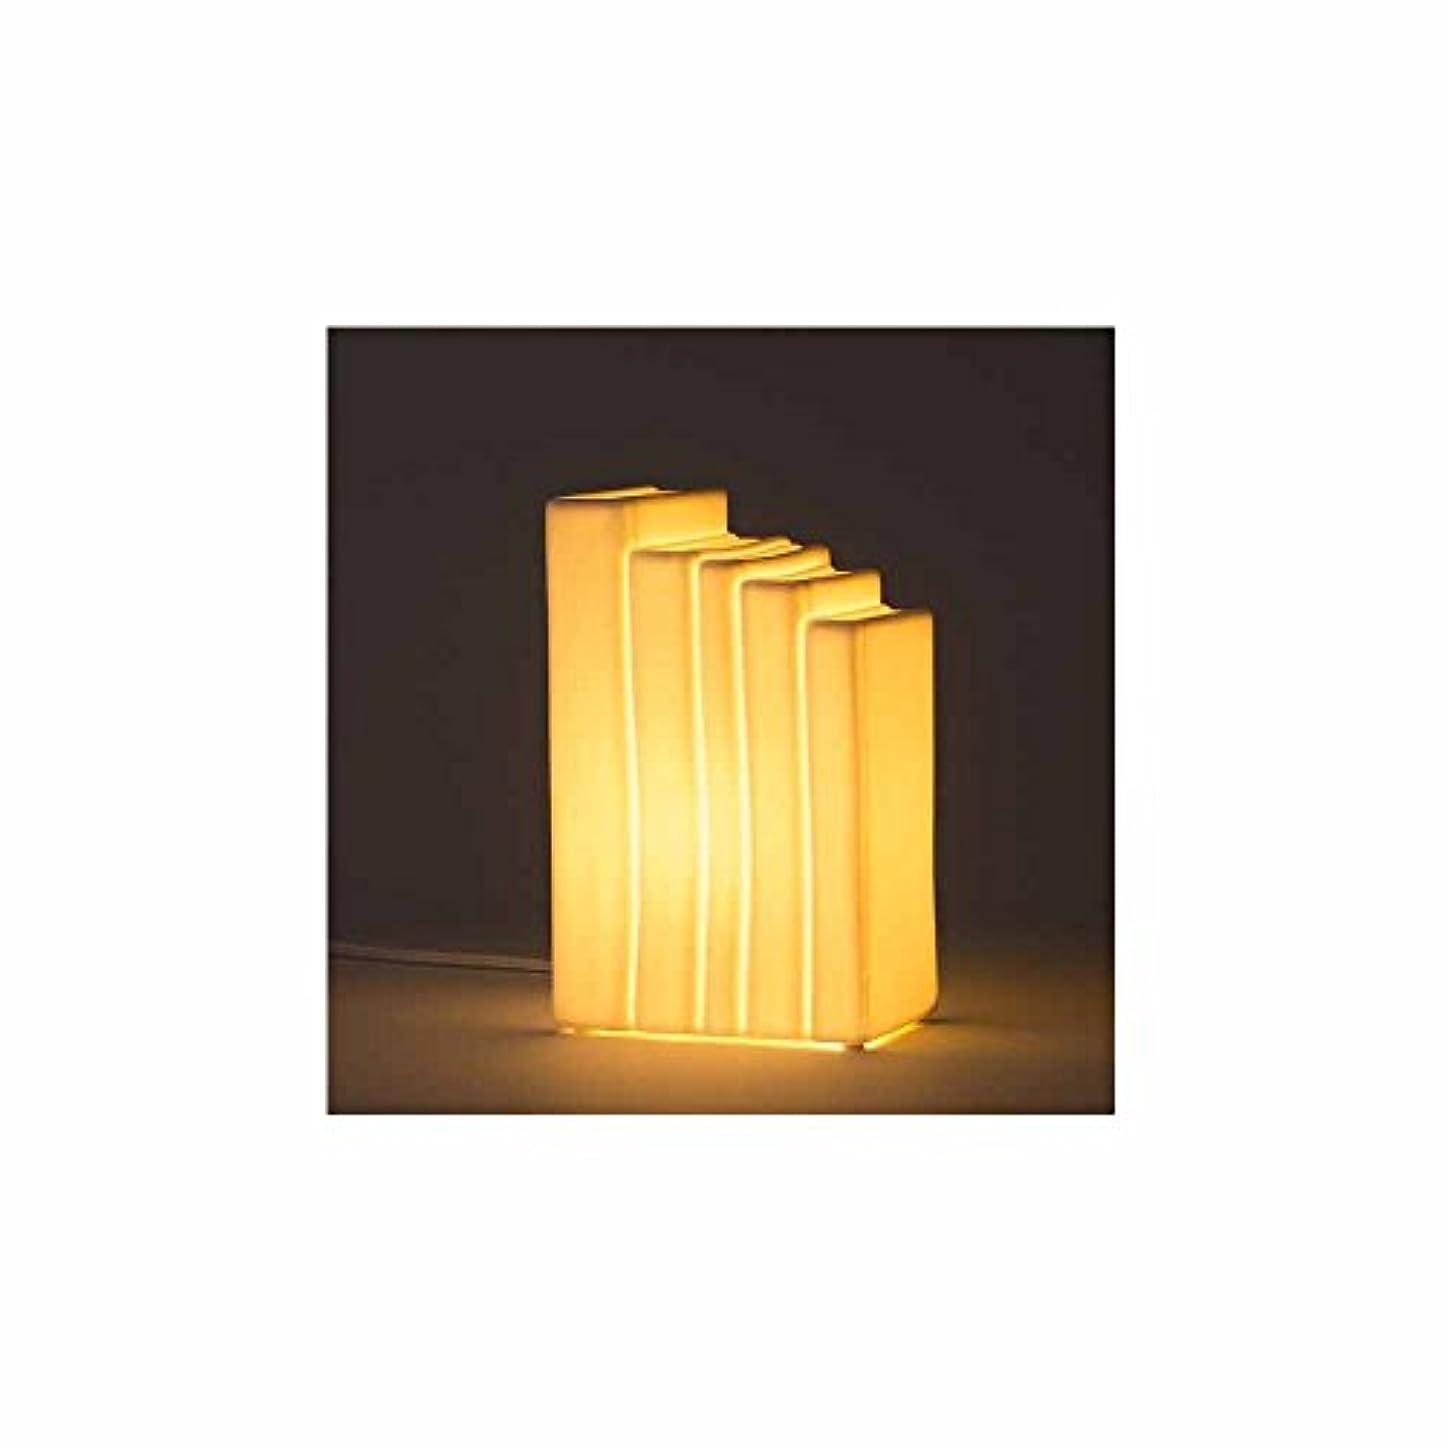 既にせせらぎ拍手するBooks(ブックス) ランプ 76801100